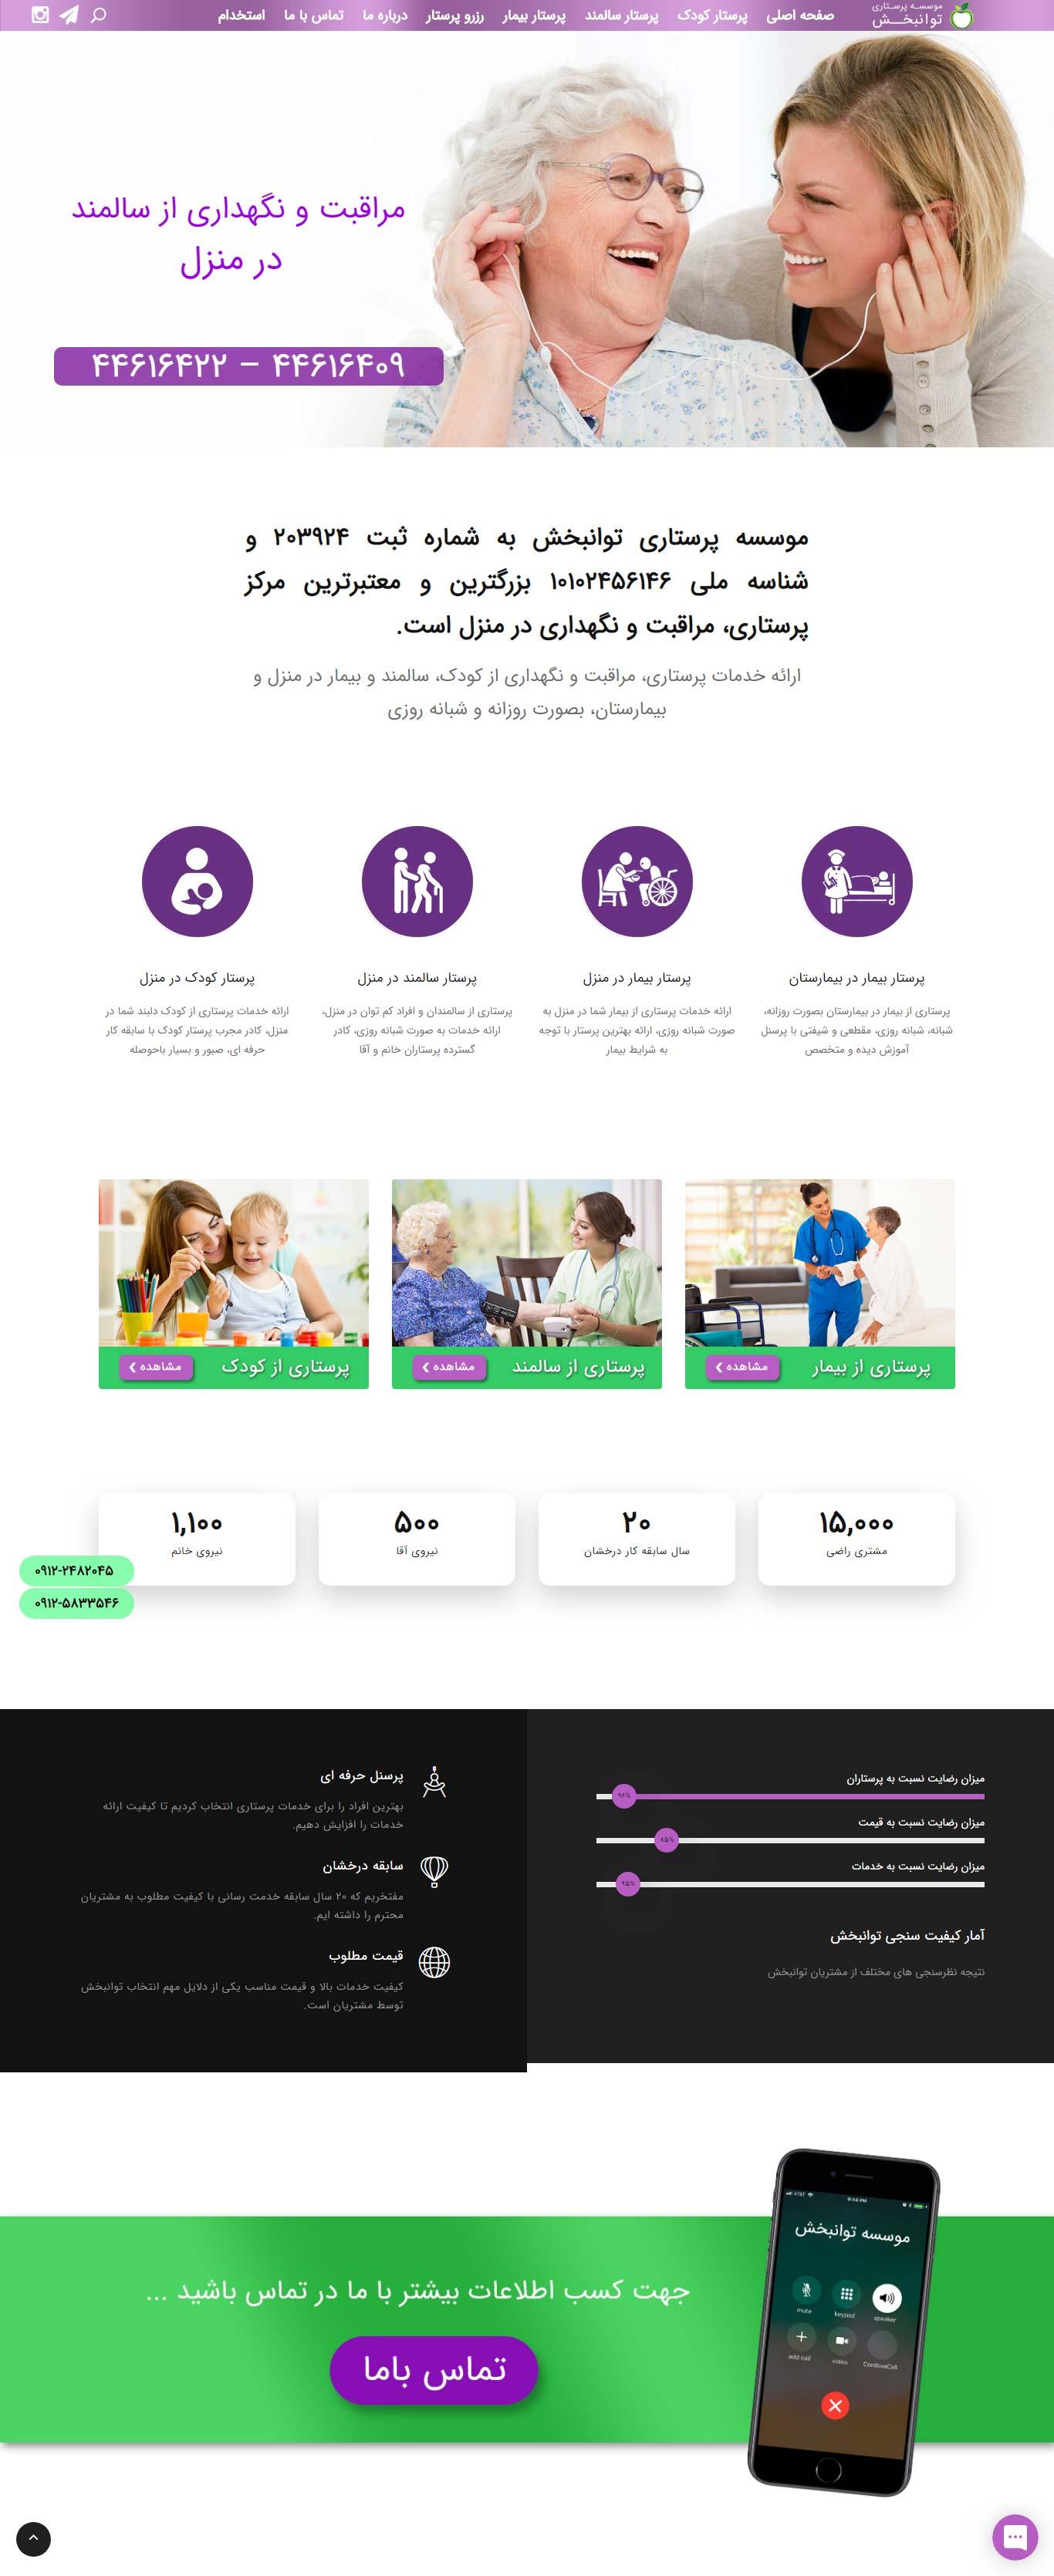 نمونه کار طراحی سایت پرستاری